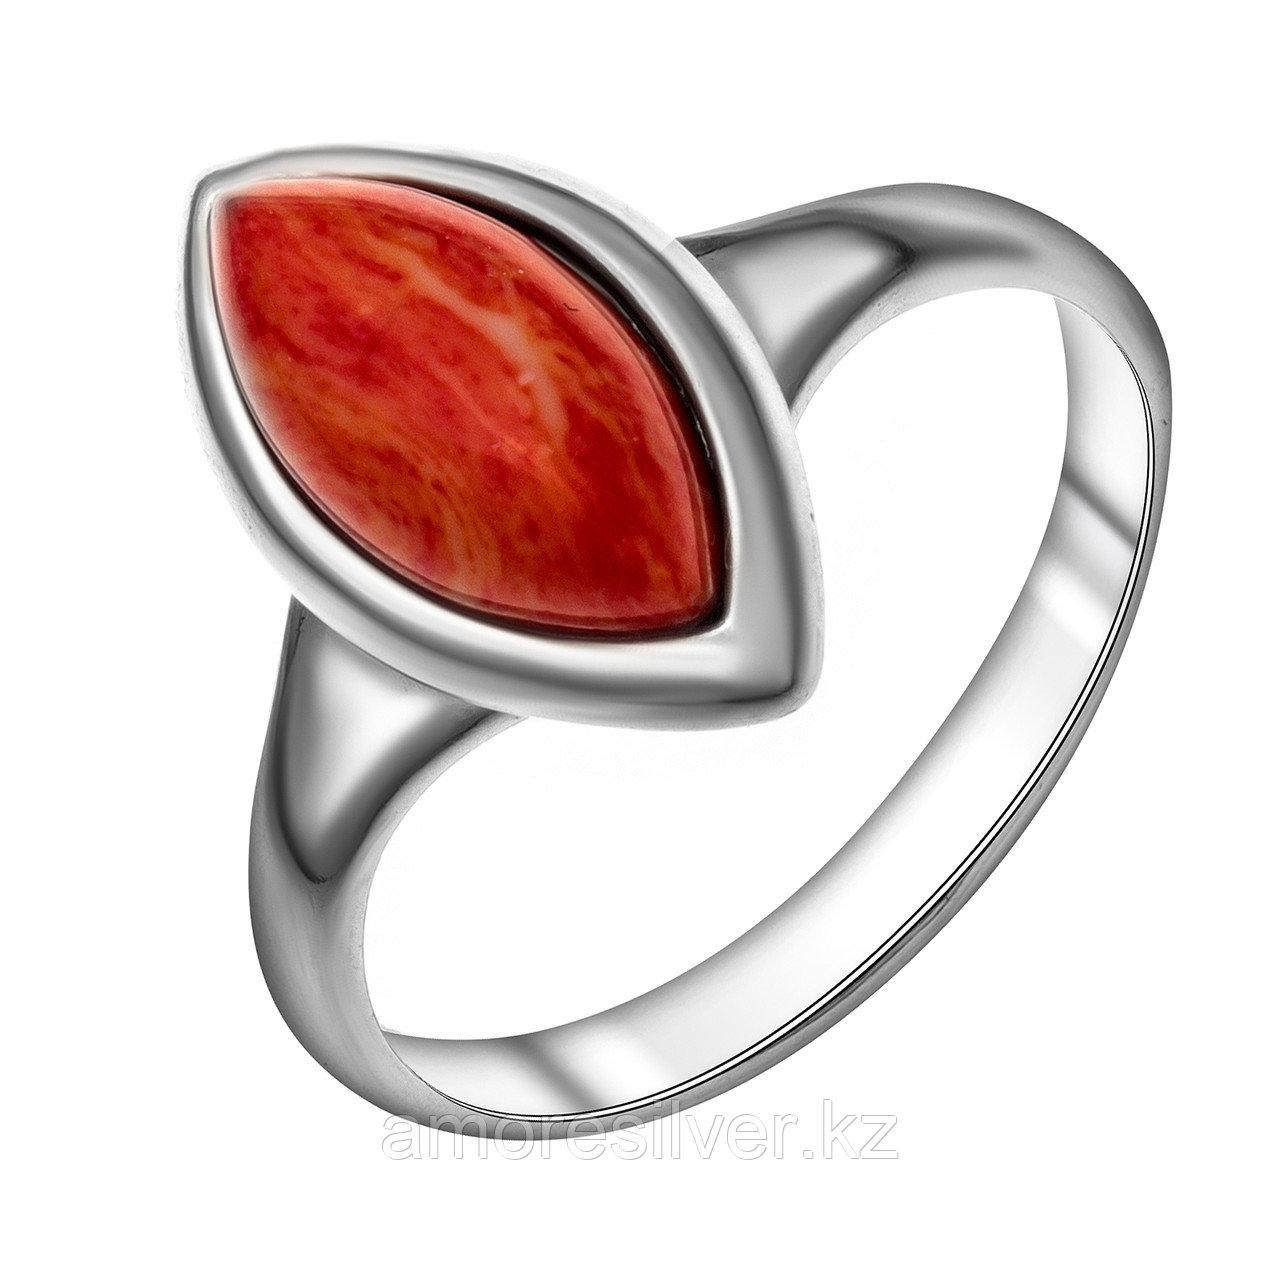 Кольцо из серебра с кораллом Darvin 18  920081073aa размеры - 17,5